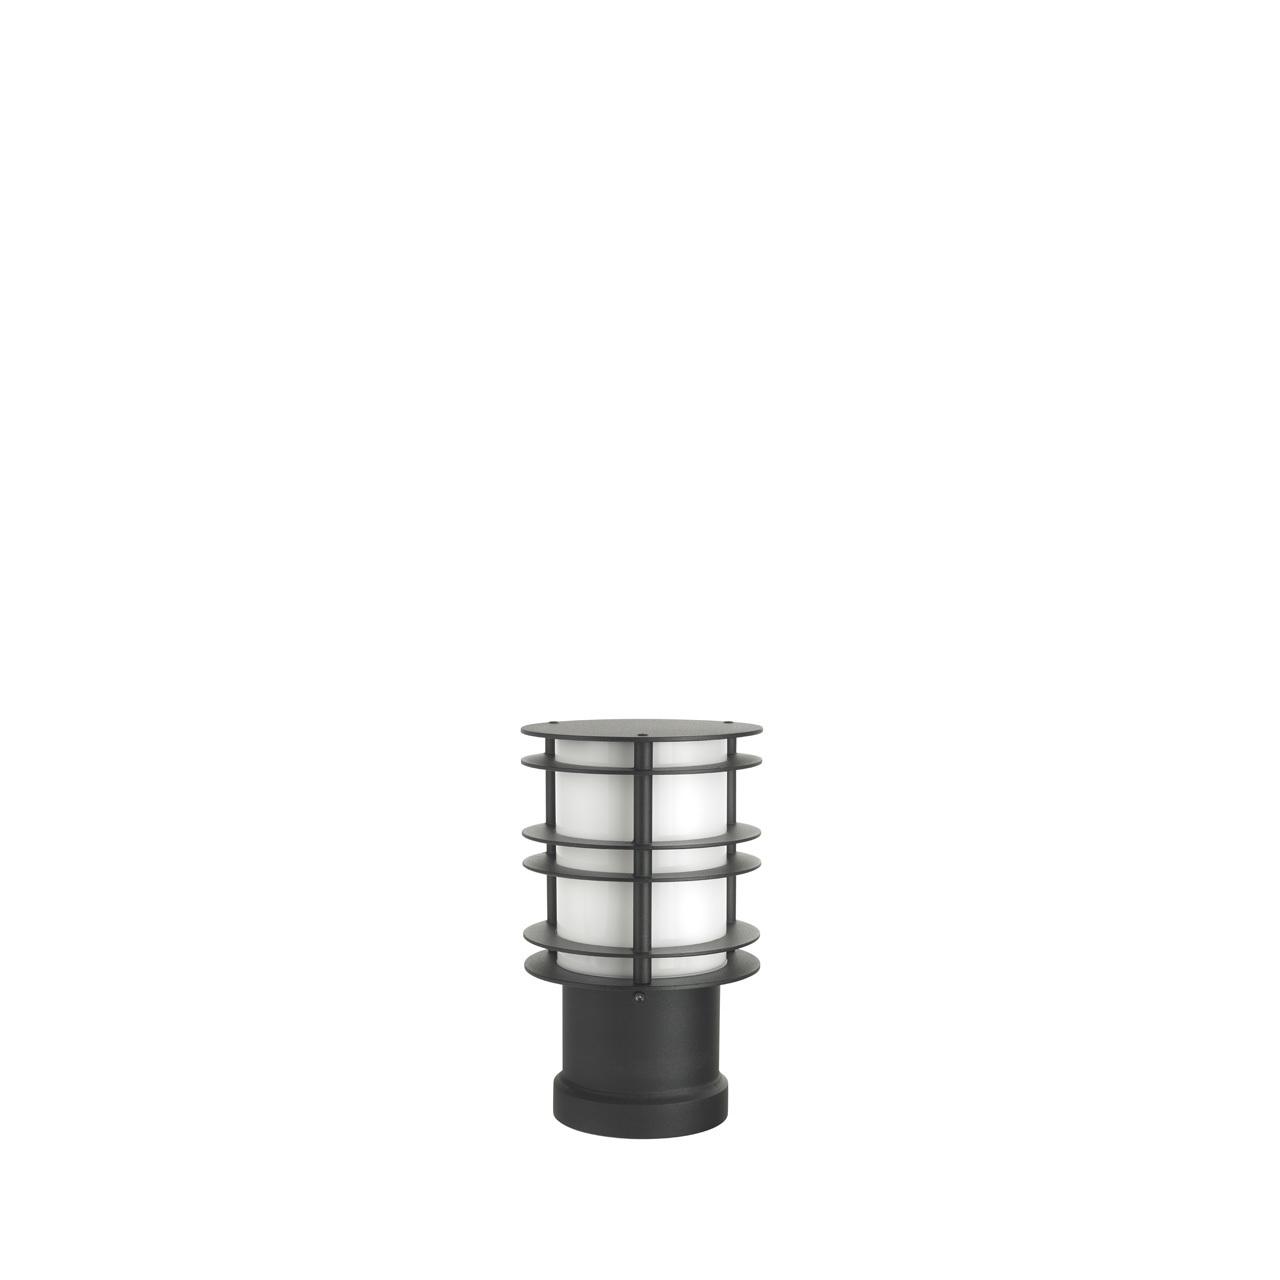 Słupek ogrodowy STOCKHOLM 28CM LED 1268B -Norlys  SPRAWDŹ RABATY  5-10-15-20 % w koszyku